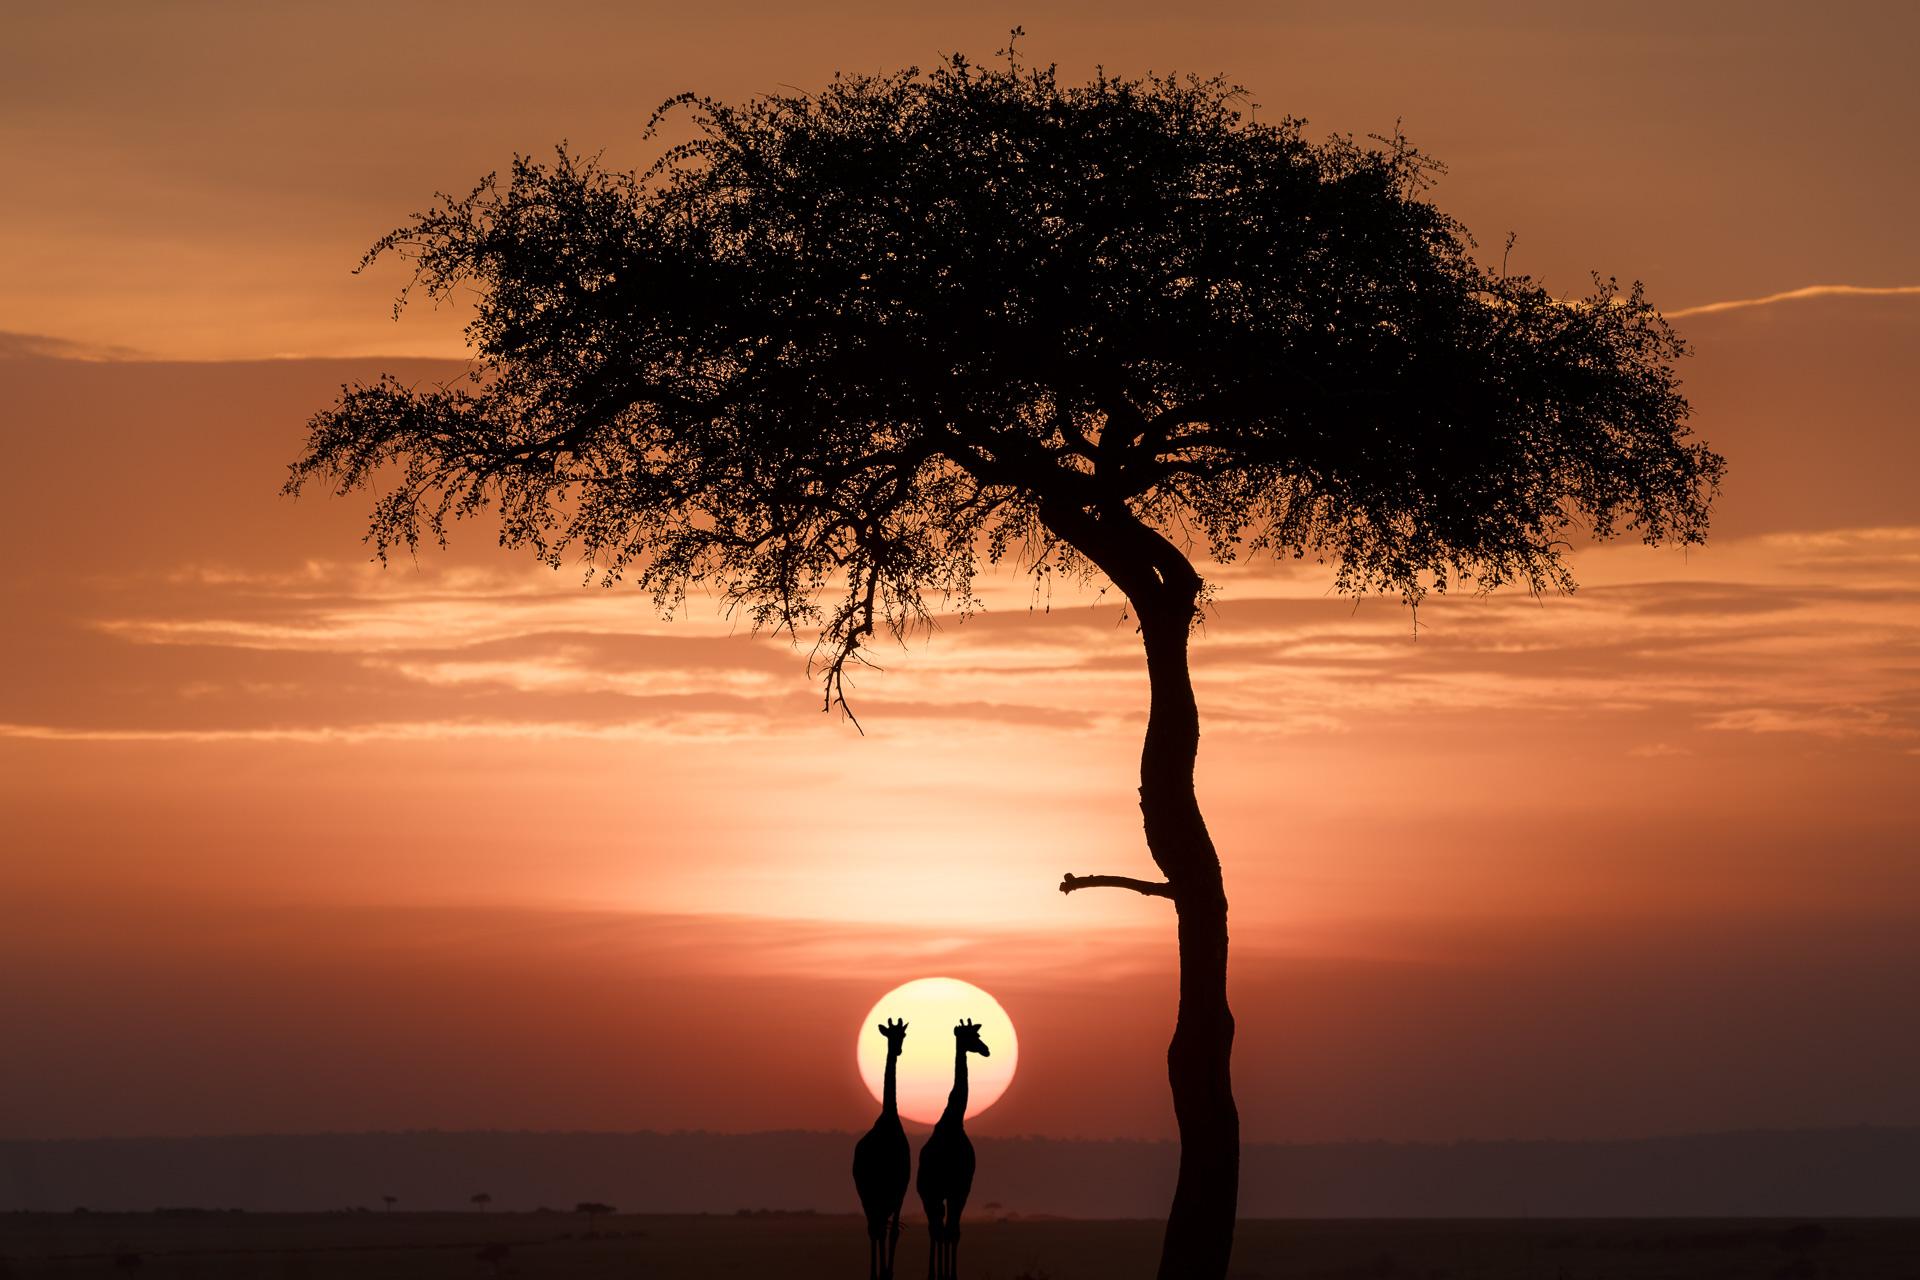 Giraffen und Baum beim Sonnenuntergang fotografiert auf einer Fotoreise mit Benny Rebel Fotosafaris in der Masai Mara.